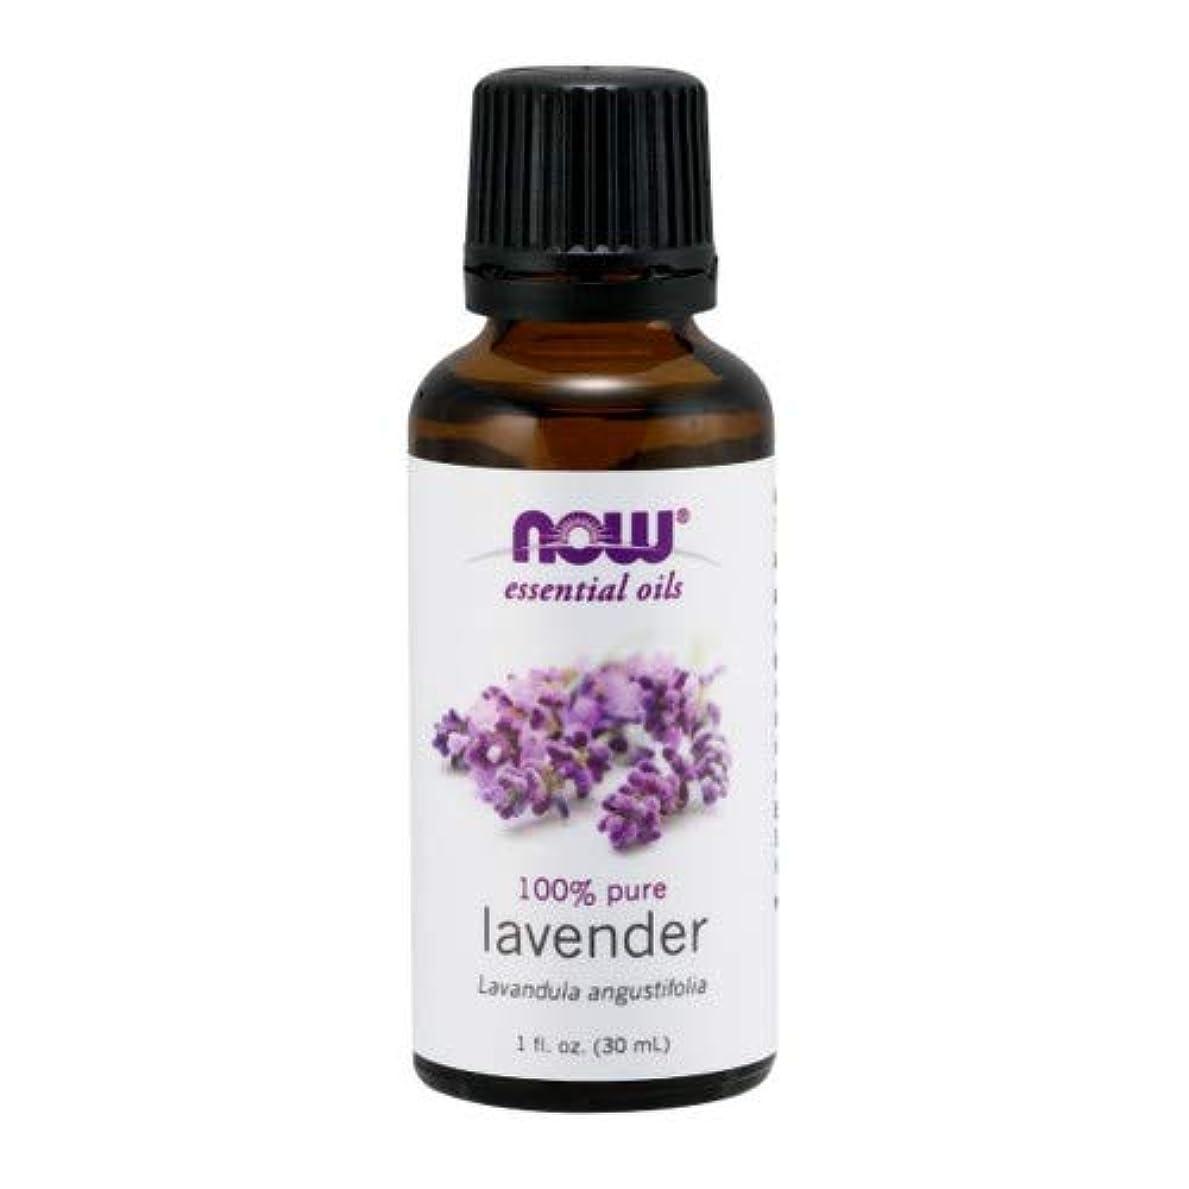 とにかく抽出依存エッセンシャルオイル ラベンダーオイル 30ml 2個セット ナウフーズ 並行輸入品 NOW Foods Essential Oils Lavender 1 oz Pack of 2